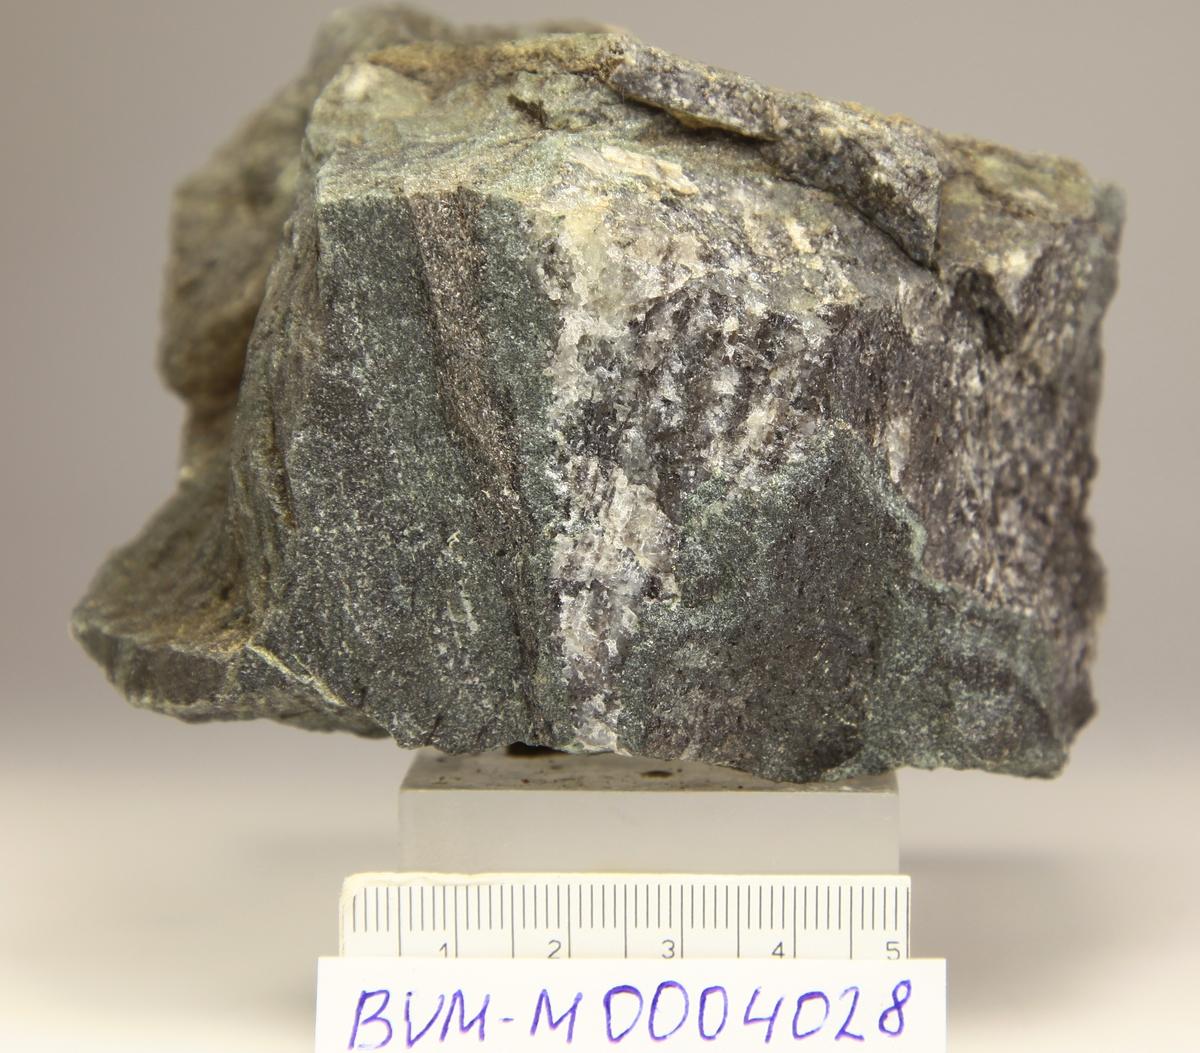 Gedigen sølv i sølvrik åre ca. 0,5 cm bred. Gardar skjerp ca 500 m syd for Ramberg skjerp.